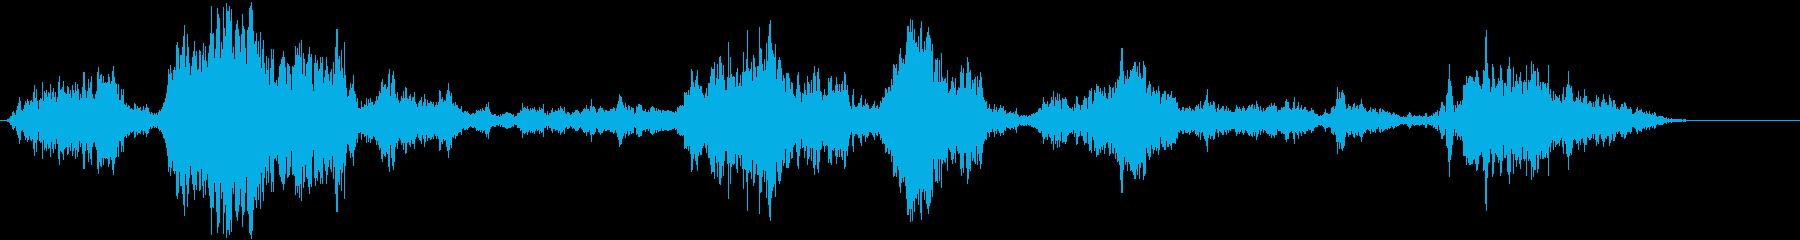 ウルフクライ;不気味なマルチ、リバ...の再生済みの波形